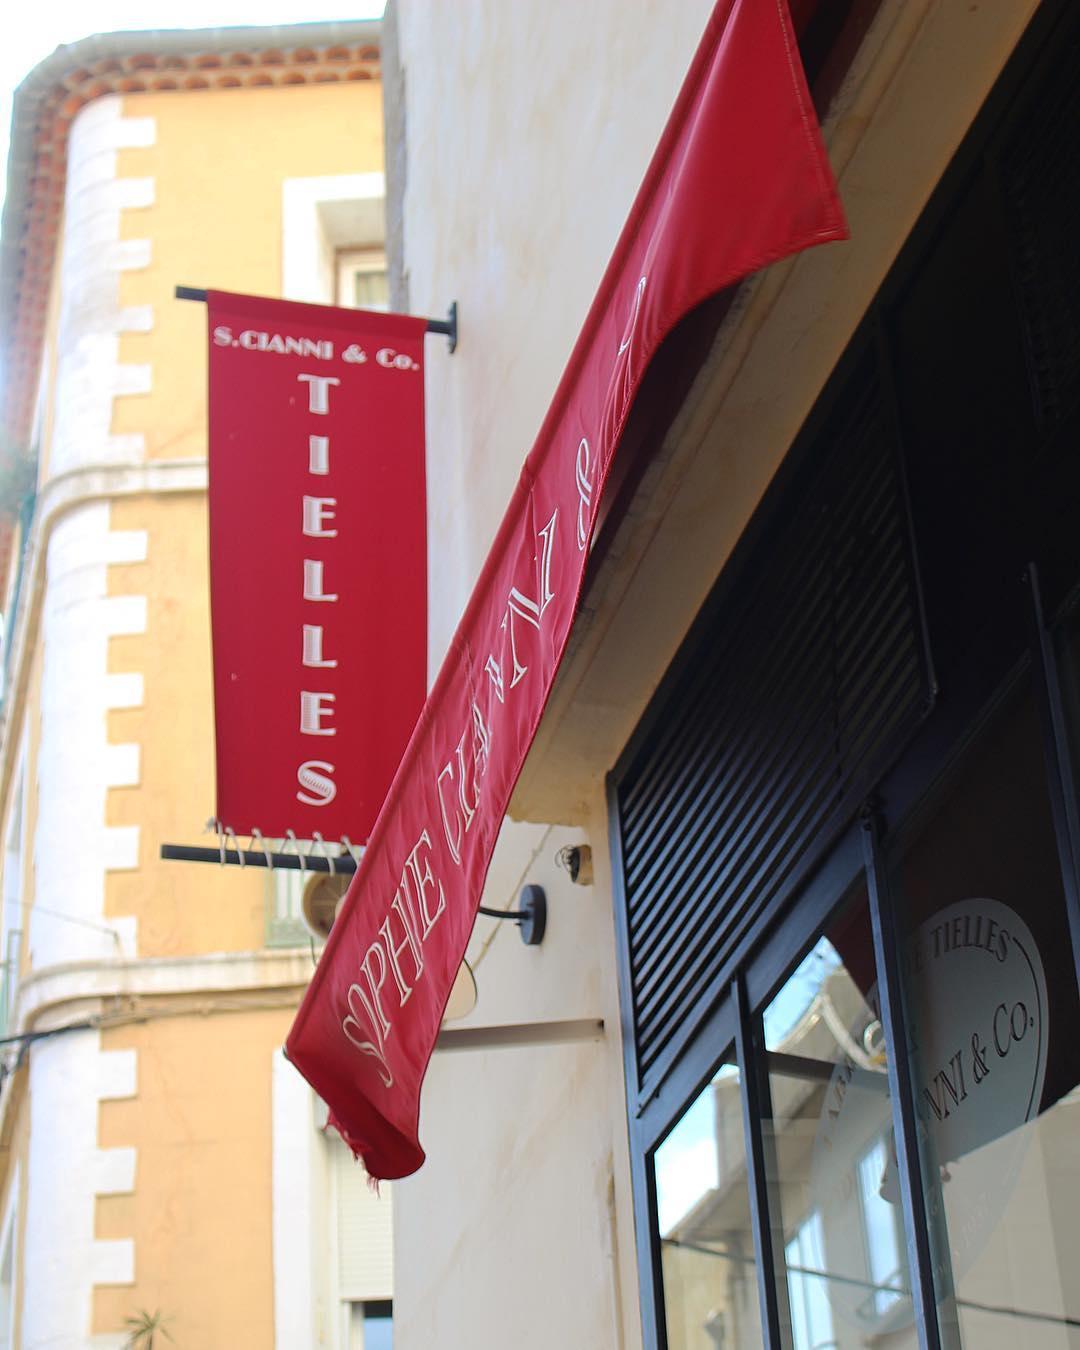 Pas de Sète sans Tielle !! Et vous, vous les prenez où vos tielles ? ⚓️? . . .  La tielle, ou tielle à la sétoise, est LA spécialité culinaire de Sète, originaire d'Italie et d'Espagne. . La tielle sétoise est dérivée de la Tiella di Gaeta en Italie. Son nom vient du nom du plat utilisé pour la cuire, la tiella (en ciociaria), « ce qui couvre » . C'est une tourte ronde, aux bords cannelés, marqués de quignons, avec une garniture faite de poulpes ou céphalopodes, coupés plus ou moins finement, mélangés à une sauce tomate pimentée. La pâte est une pâte à pain. . ? SÈTE (34)?? ? #pintadesete  ______ #cityguide #southOfFrance #SudDeFrance #cityTrip #frenchBlogger #blogueuse #blog #blogueusedusud #pintademontpellier #sete #montpellier #citytripsete #joutes #villedesete #tielle #tielleforever